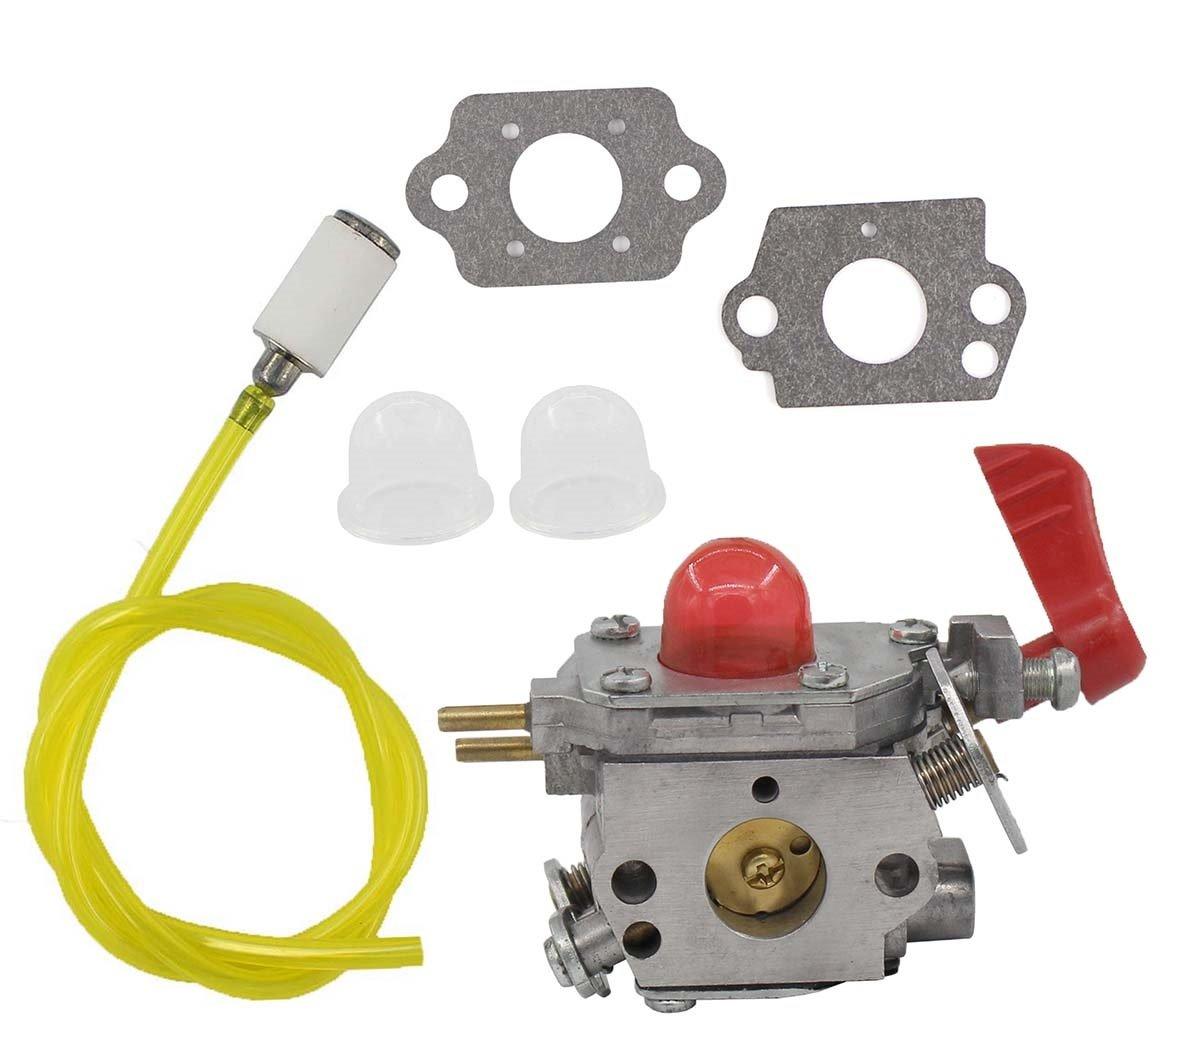 Carburetor For Poulan VS-2 BVM200FE Leaf Blower Zama C1U-W43 Craftsman Weedeater Poulan trimmer Poulan# 545081857 by MOTOKU